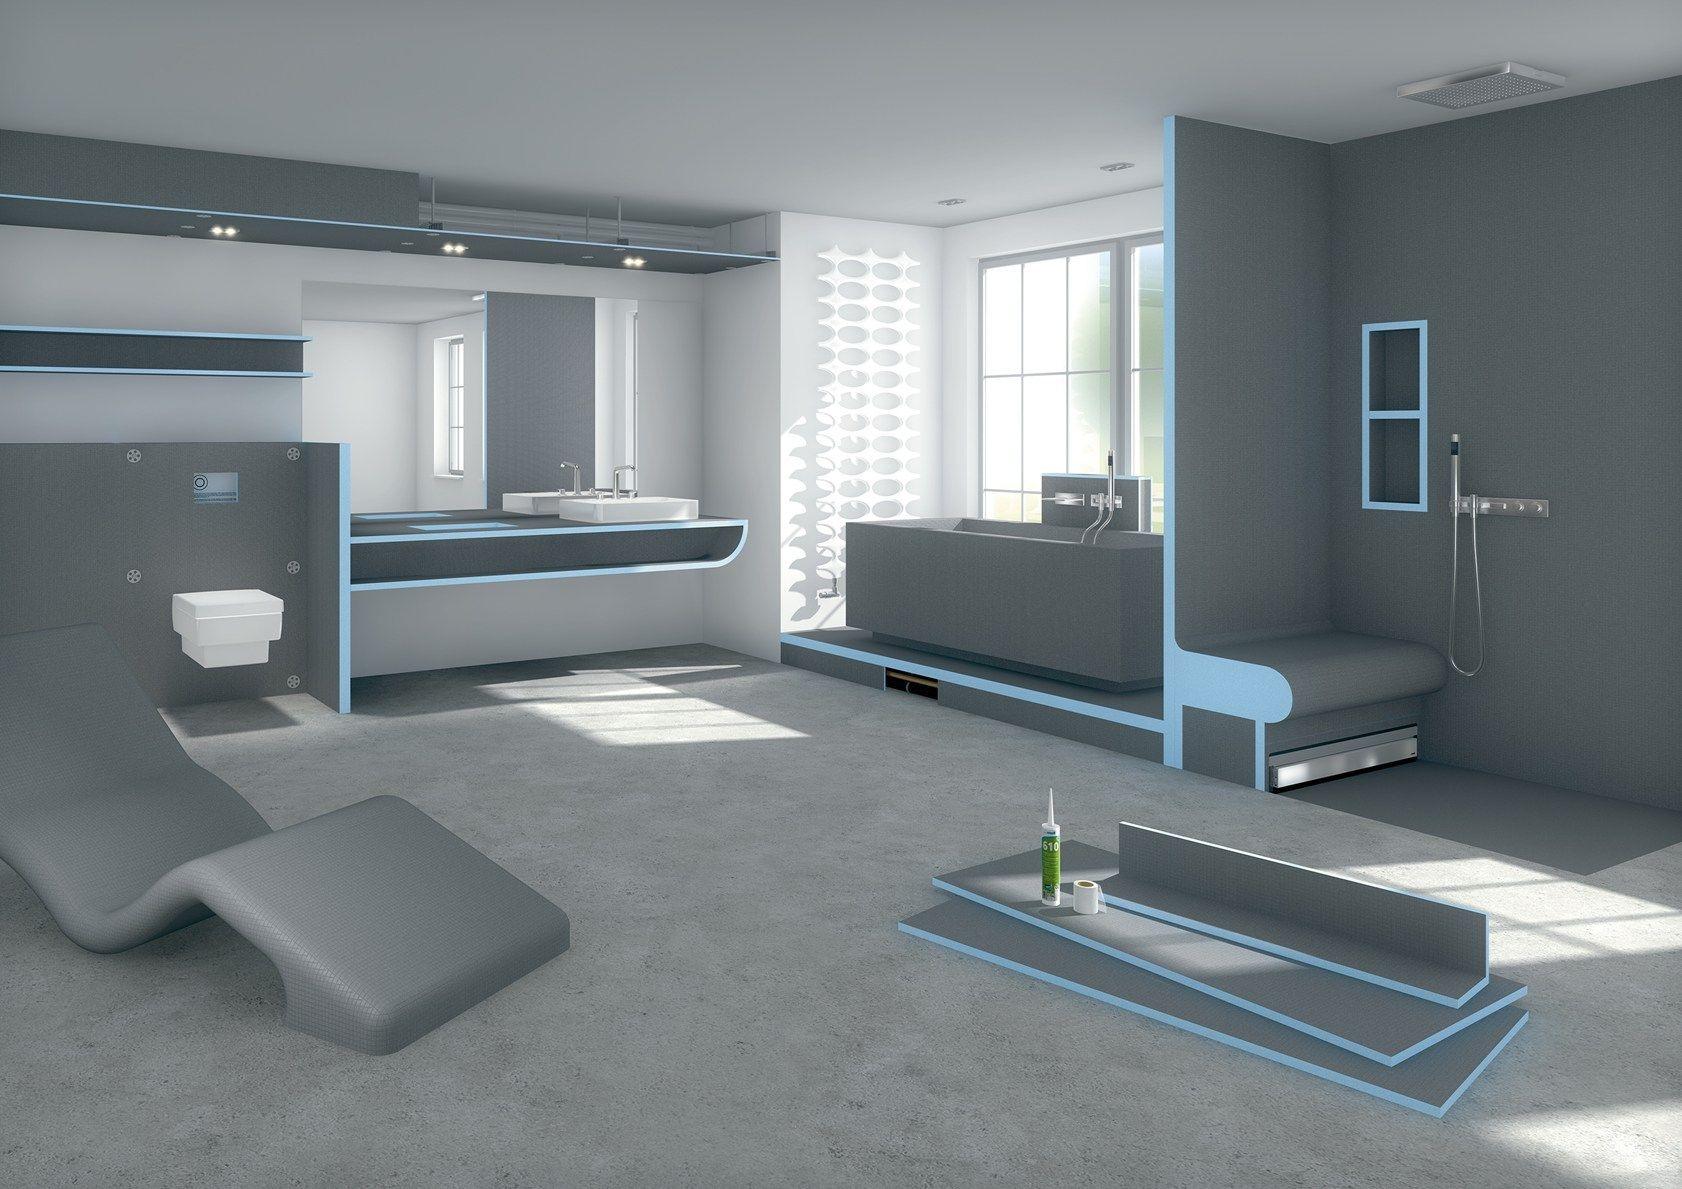 wedi fundo persono. Black Bedroom Furniture Sets. Home Design Ideas